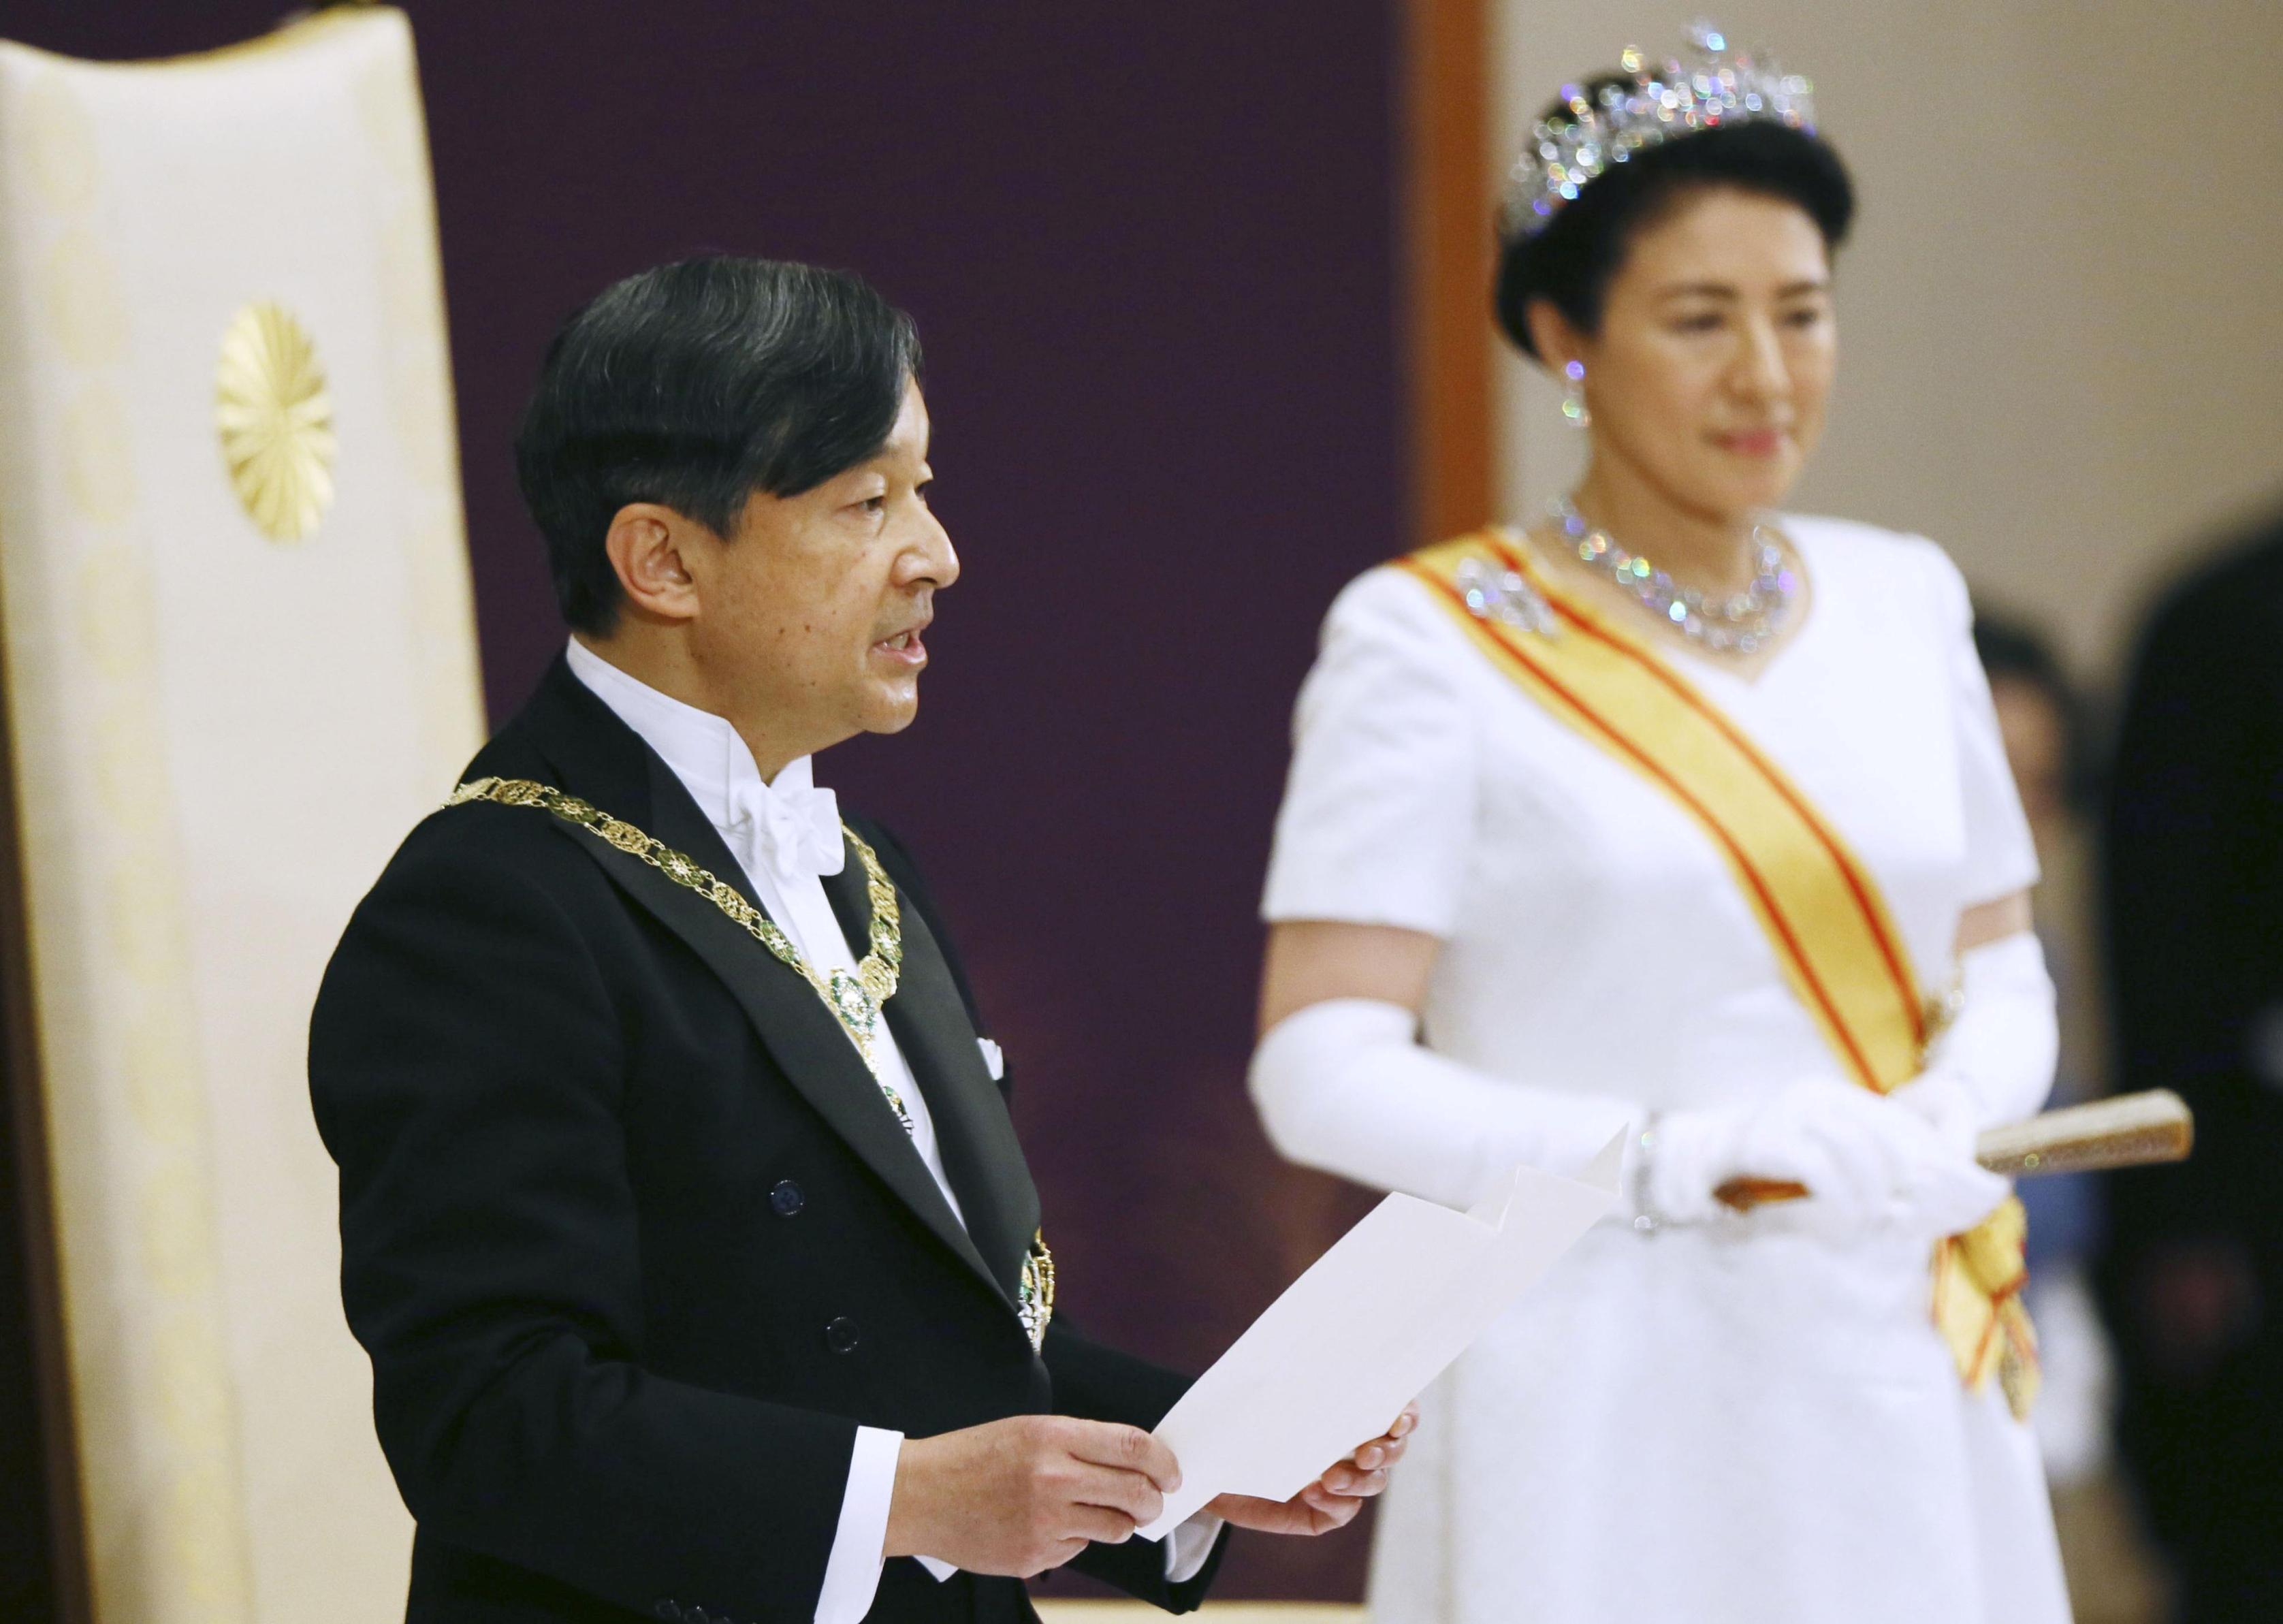 أولمبياد طوكيو: إمبراطور اليابان سيكون حاضرا في الافتتاح